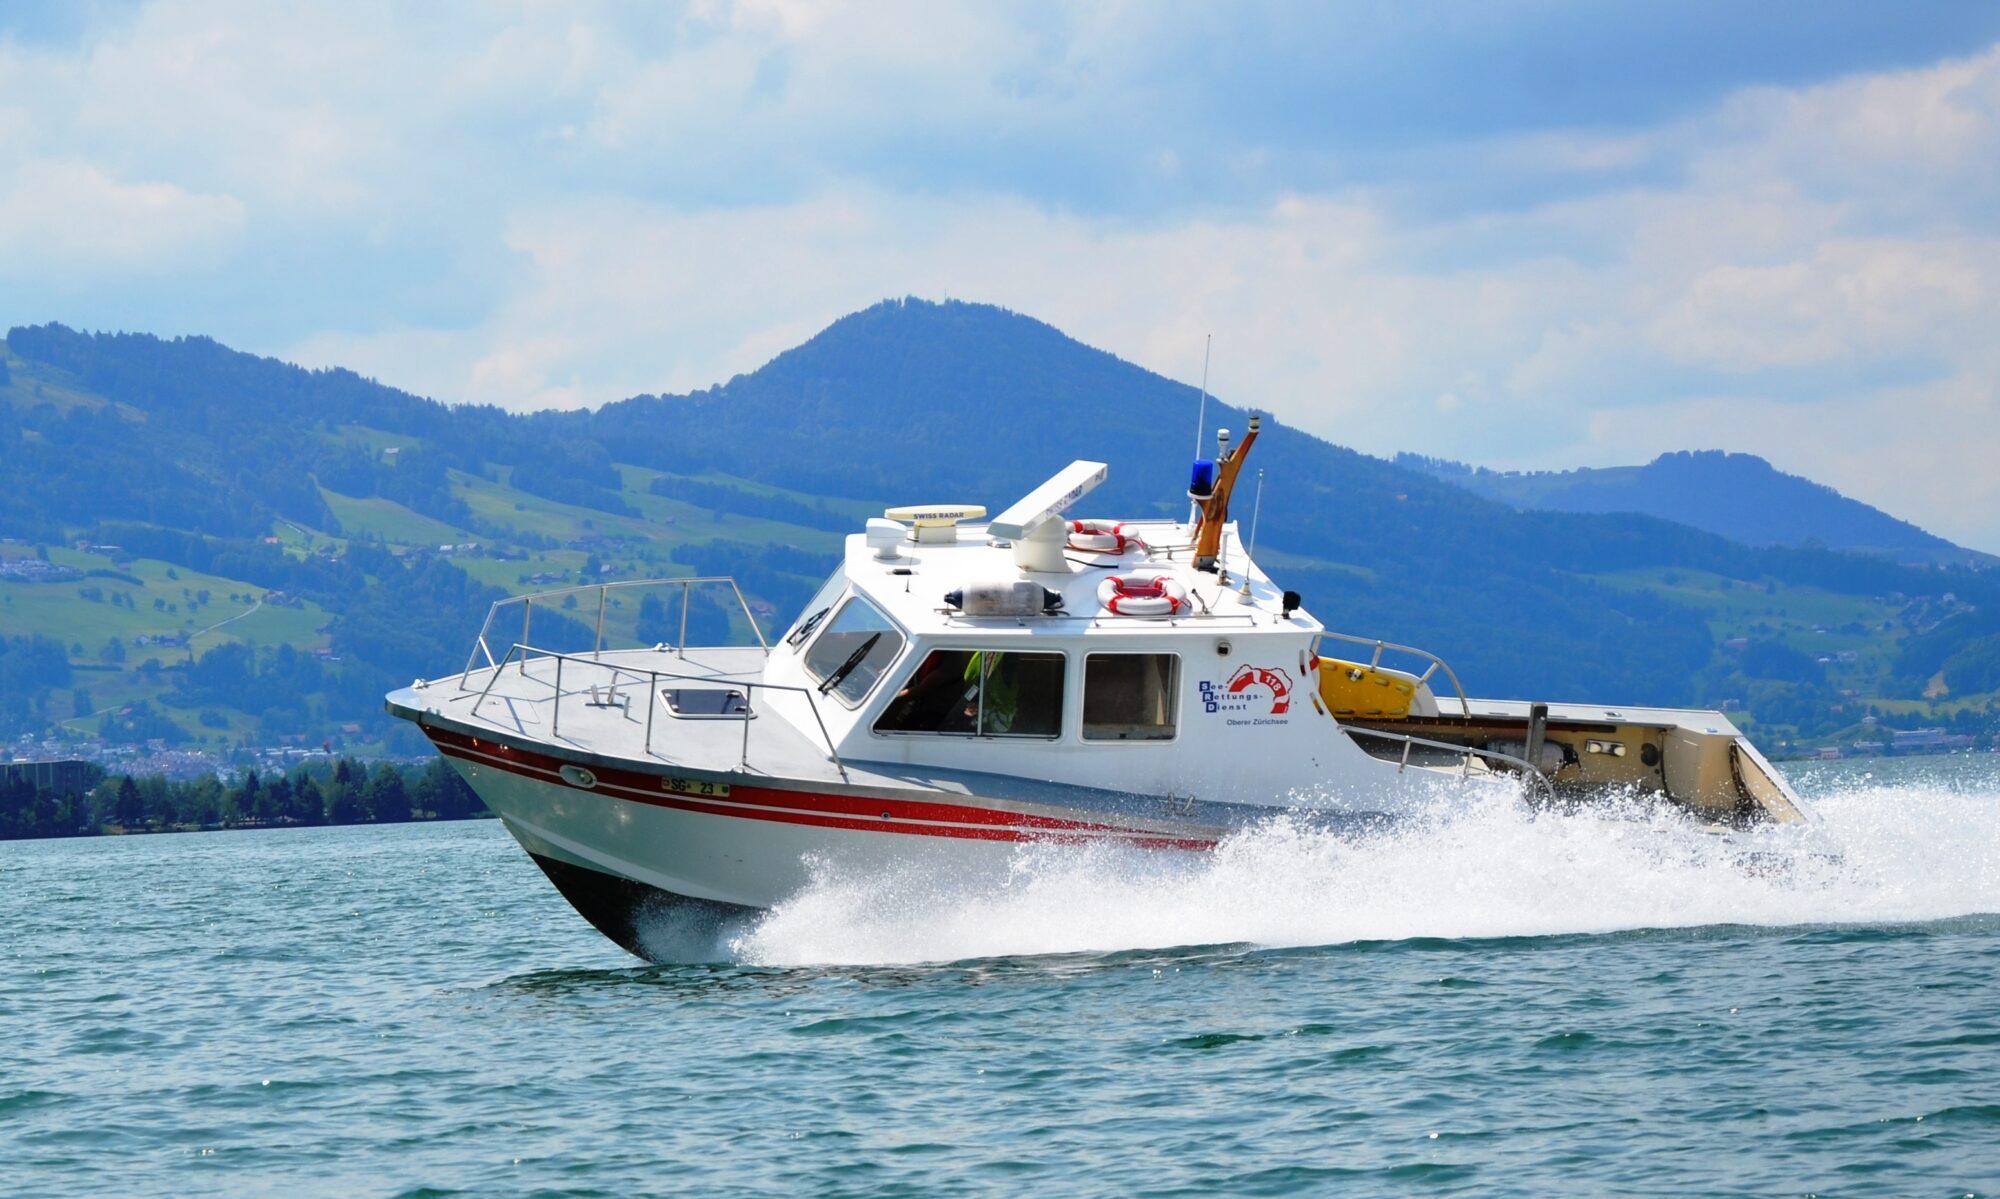 Seerettungsdienst Oberer Zürichsee